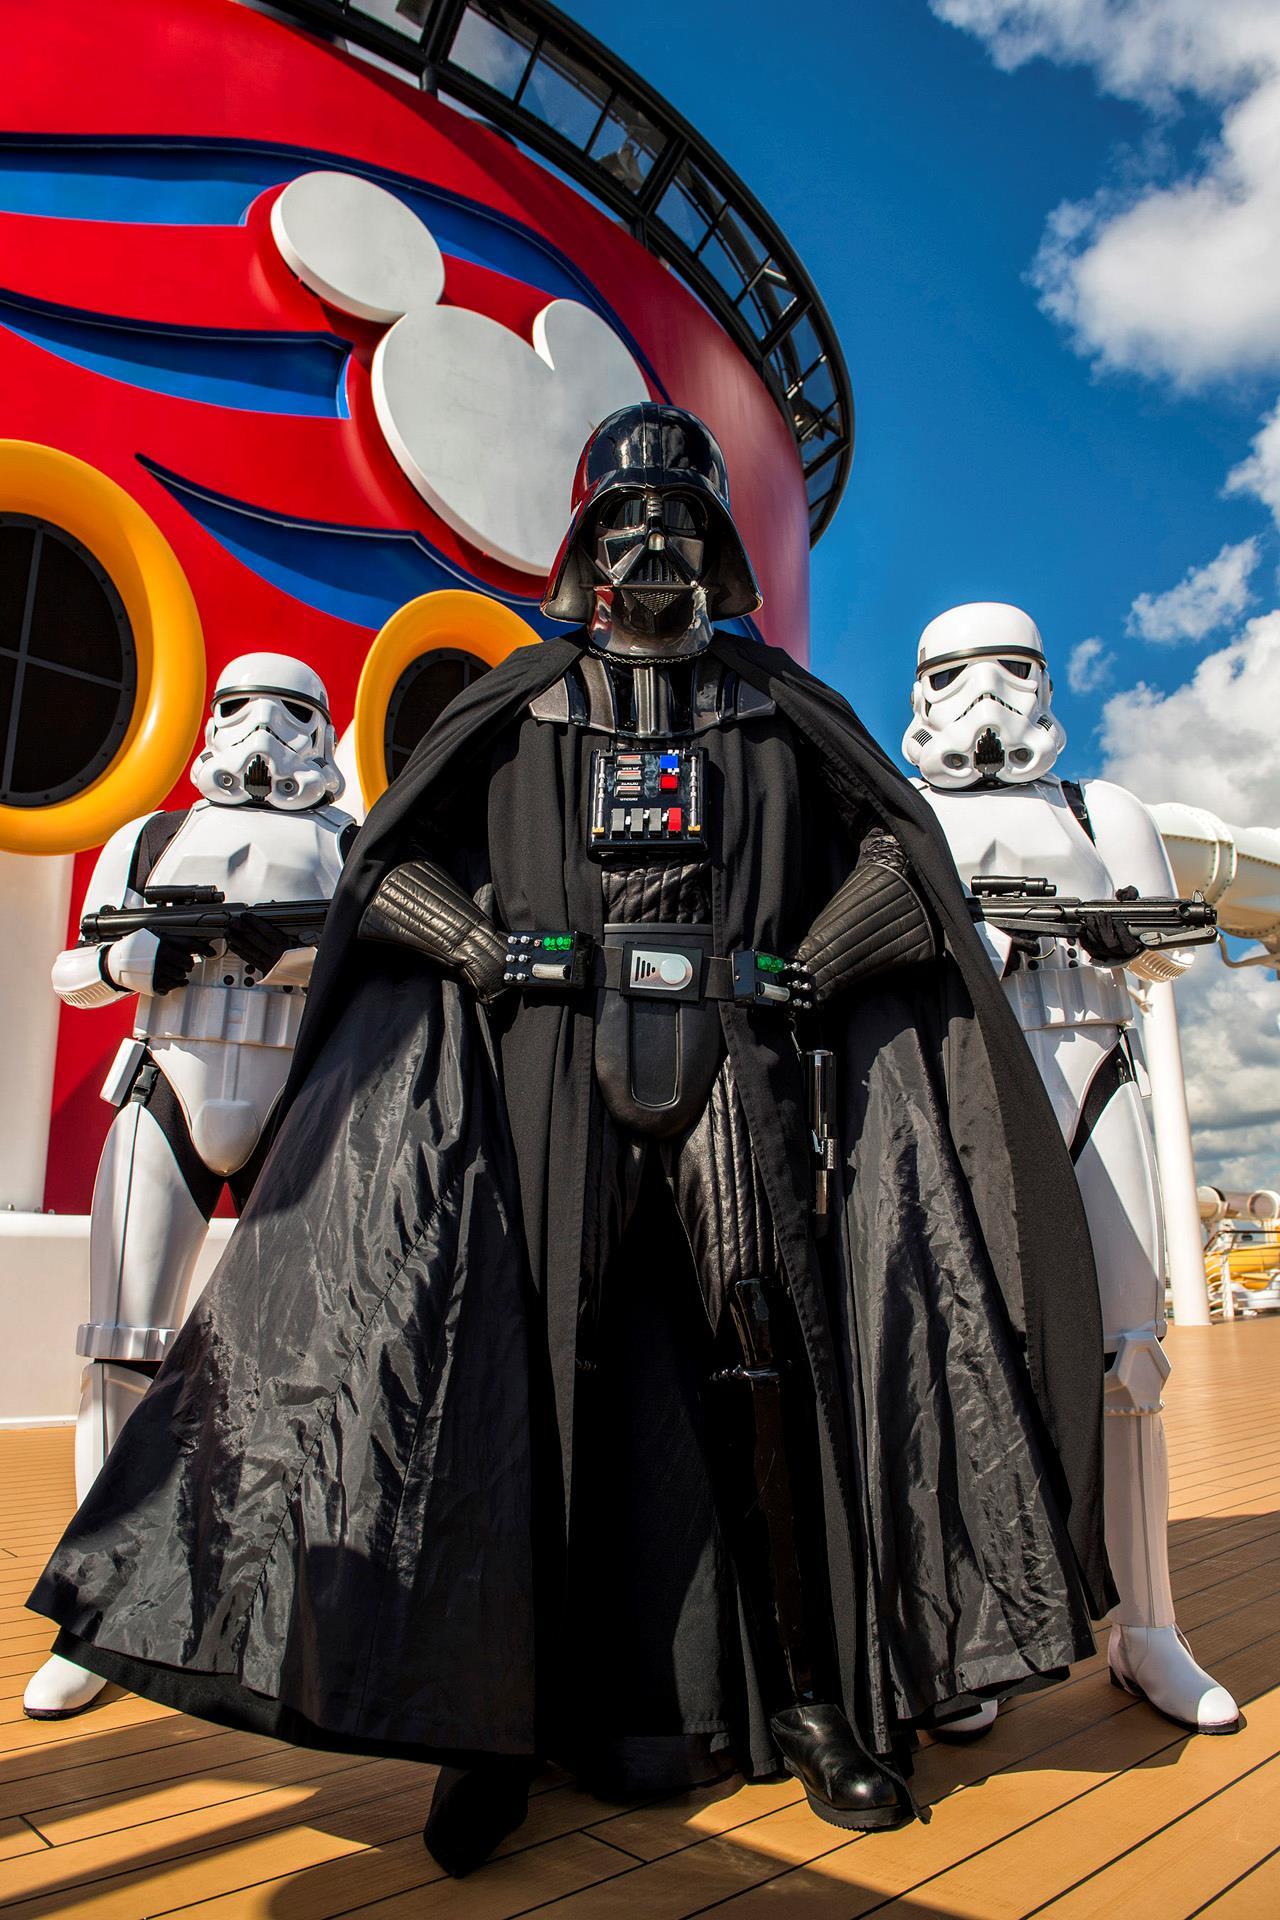 Darth Vader in un'immagine promozionale per le crociere Disney a tema Star Wars